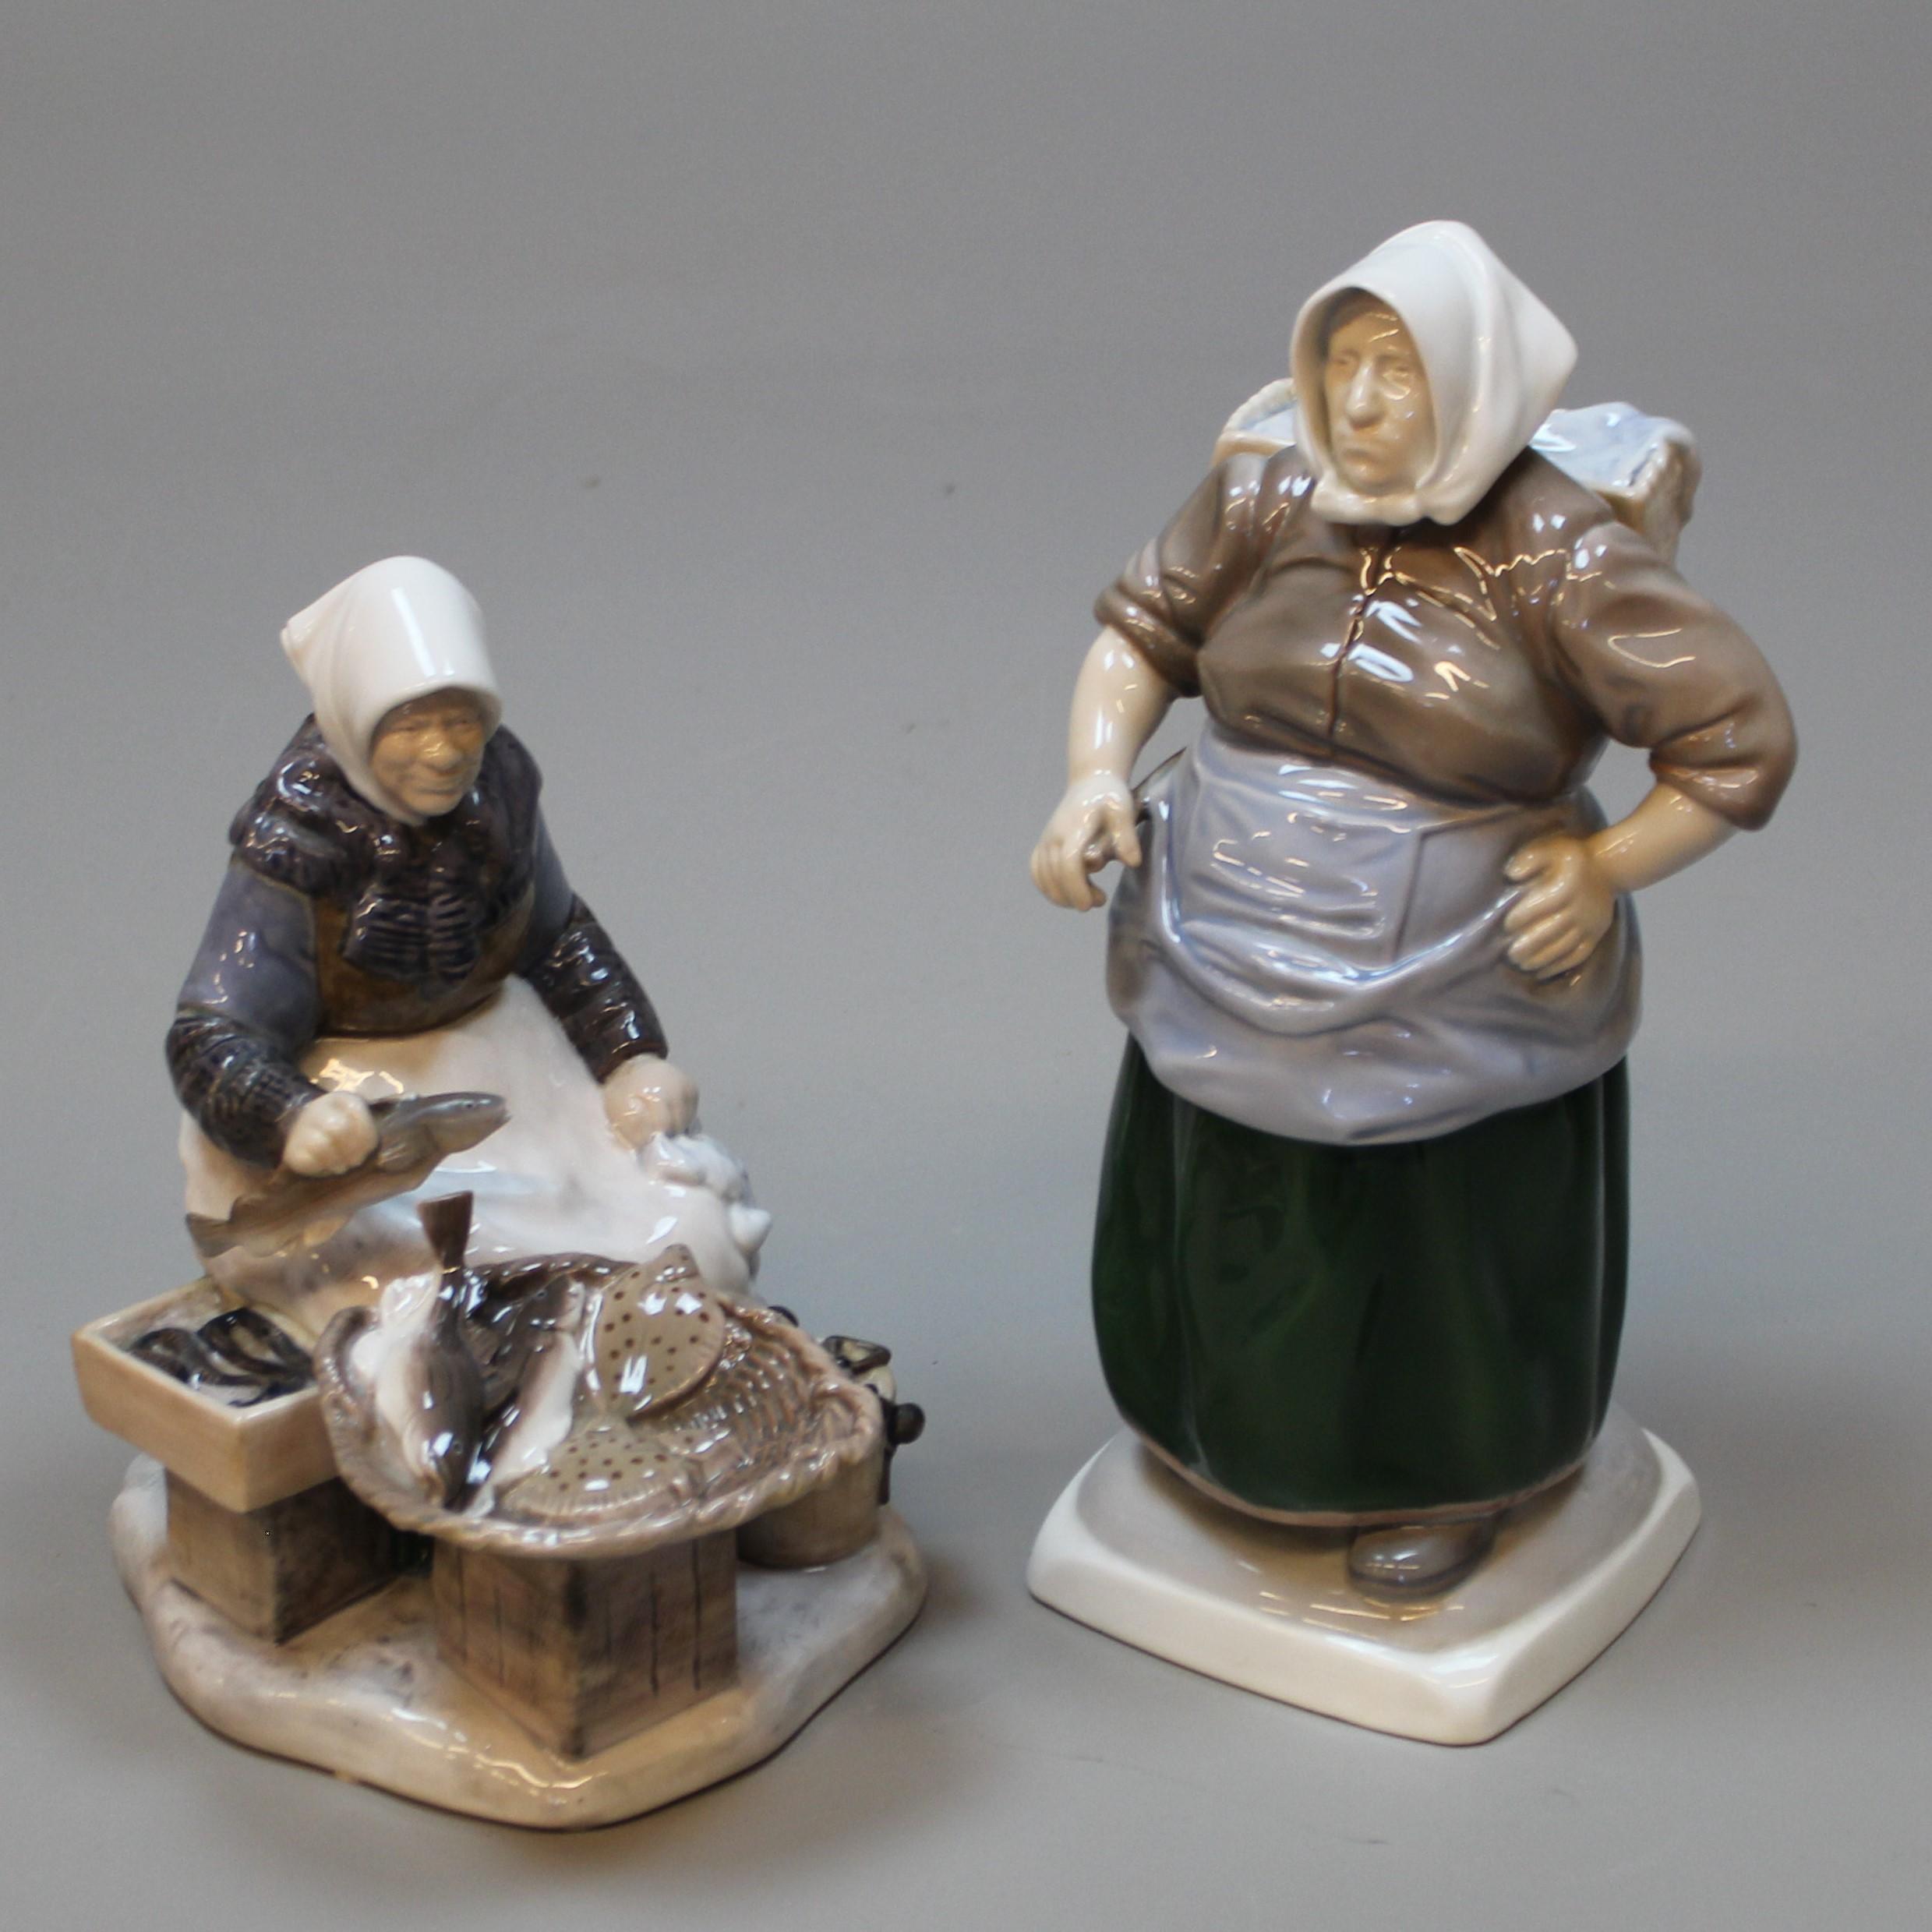 FIGURINES porcelain 2 B&G 1702 and 2233. Ceramics